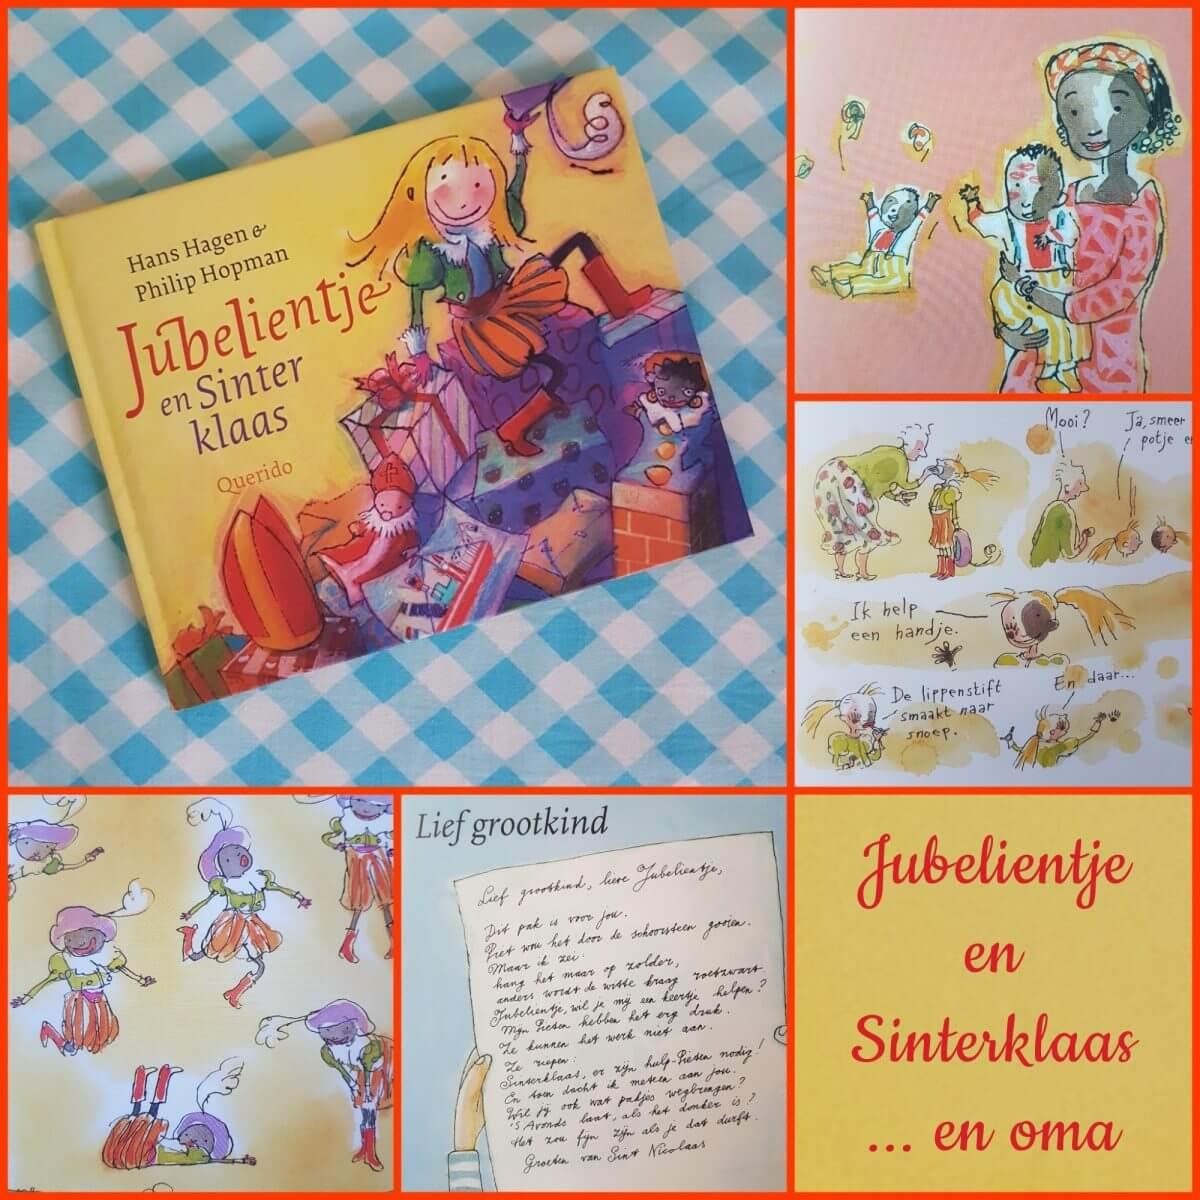 De leukste boeken over Sinterklaas - Jubelientje en Sinterklaas